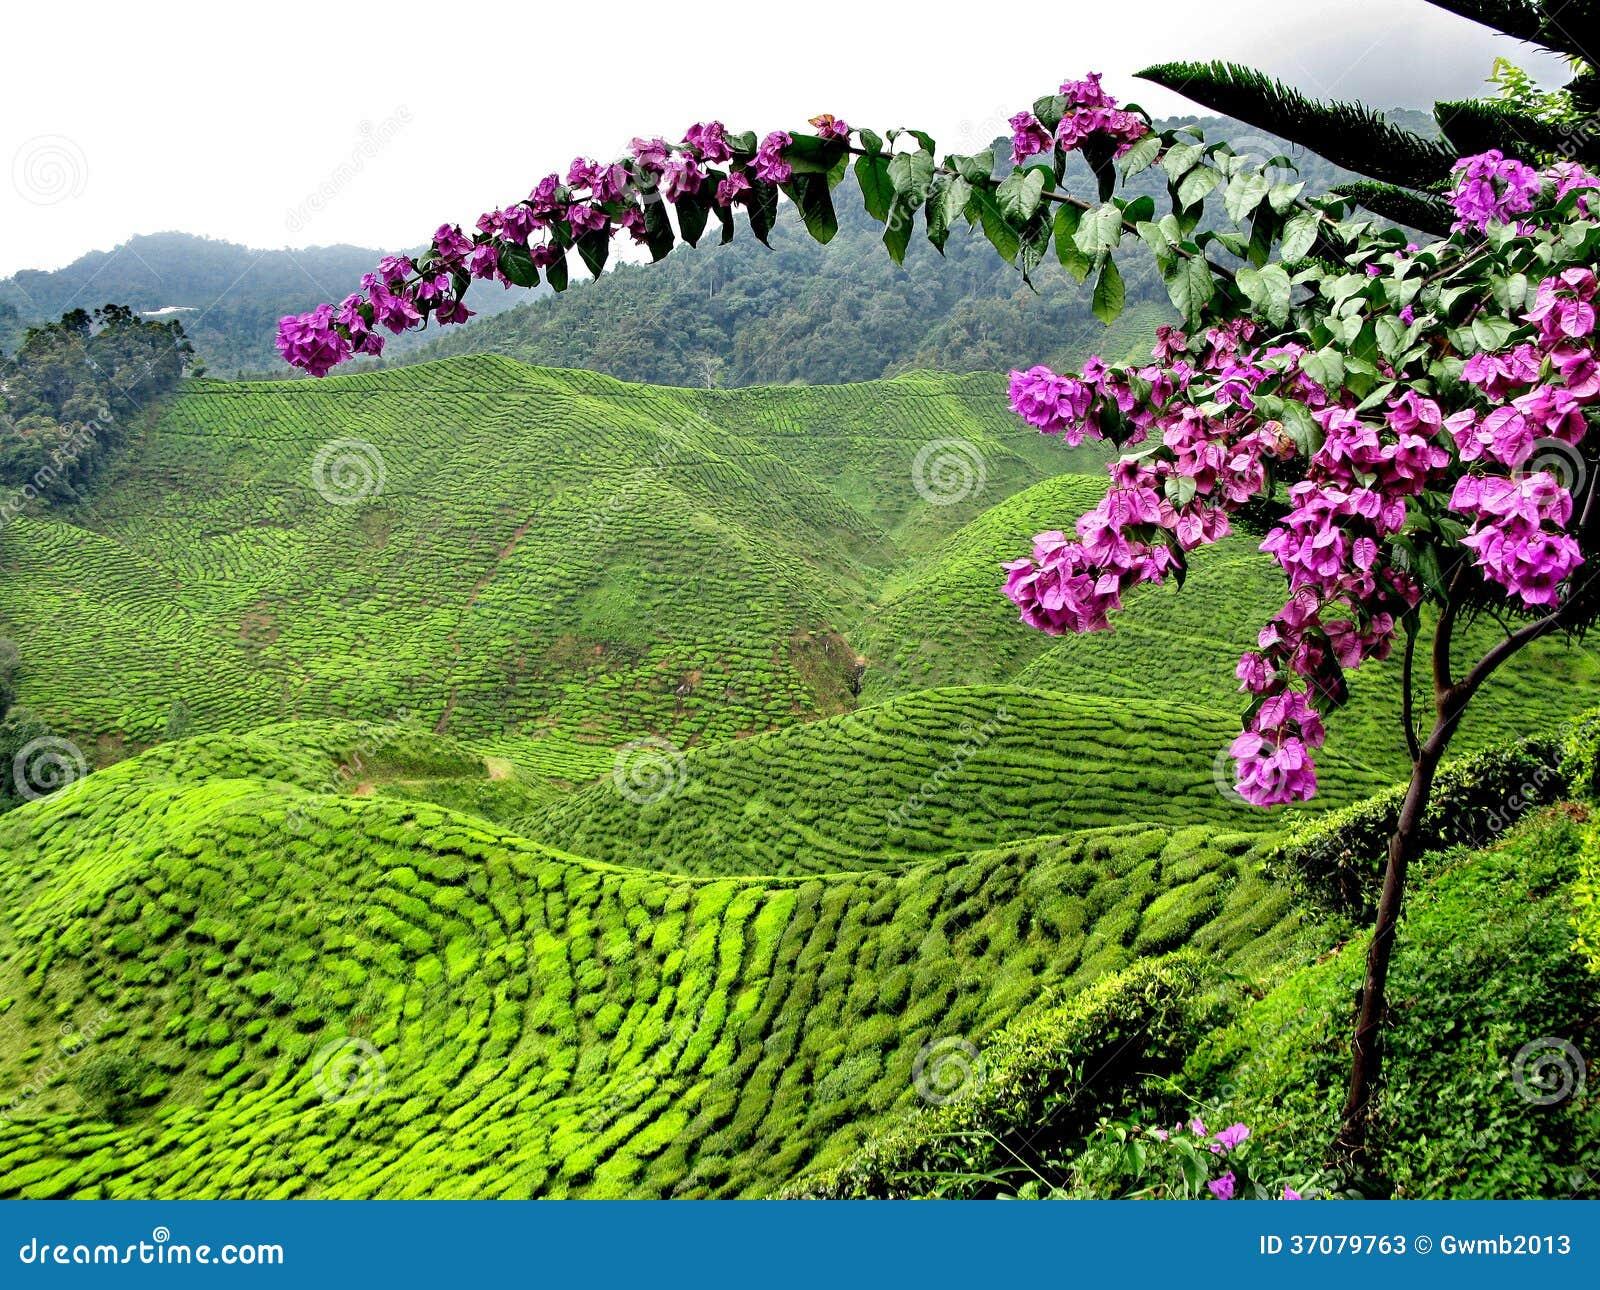 Download Herbaciane plantacje obraz stock. Obraz złożonej z przemysł - 37079763